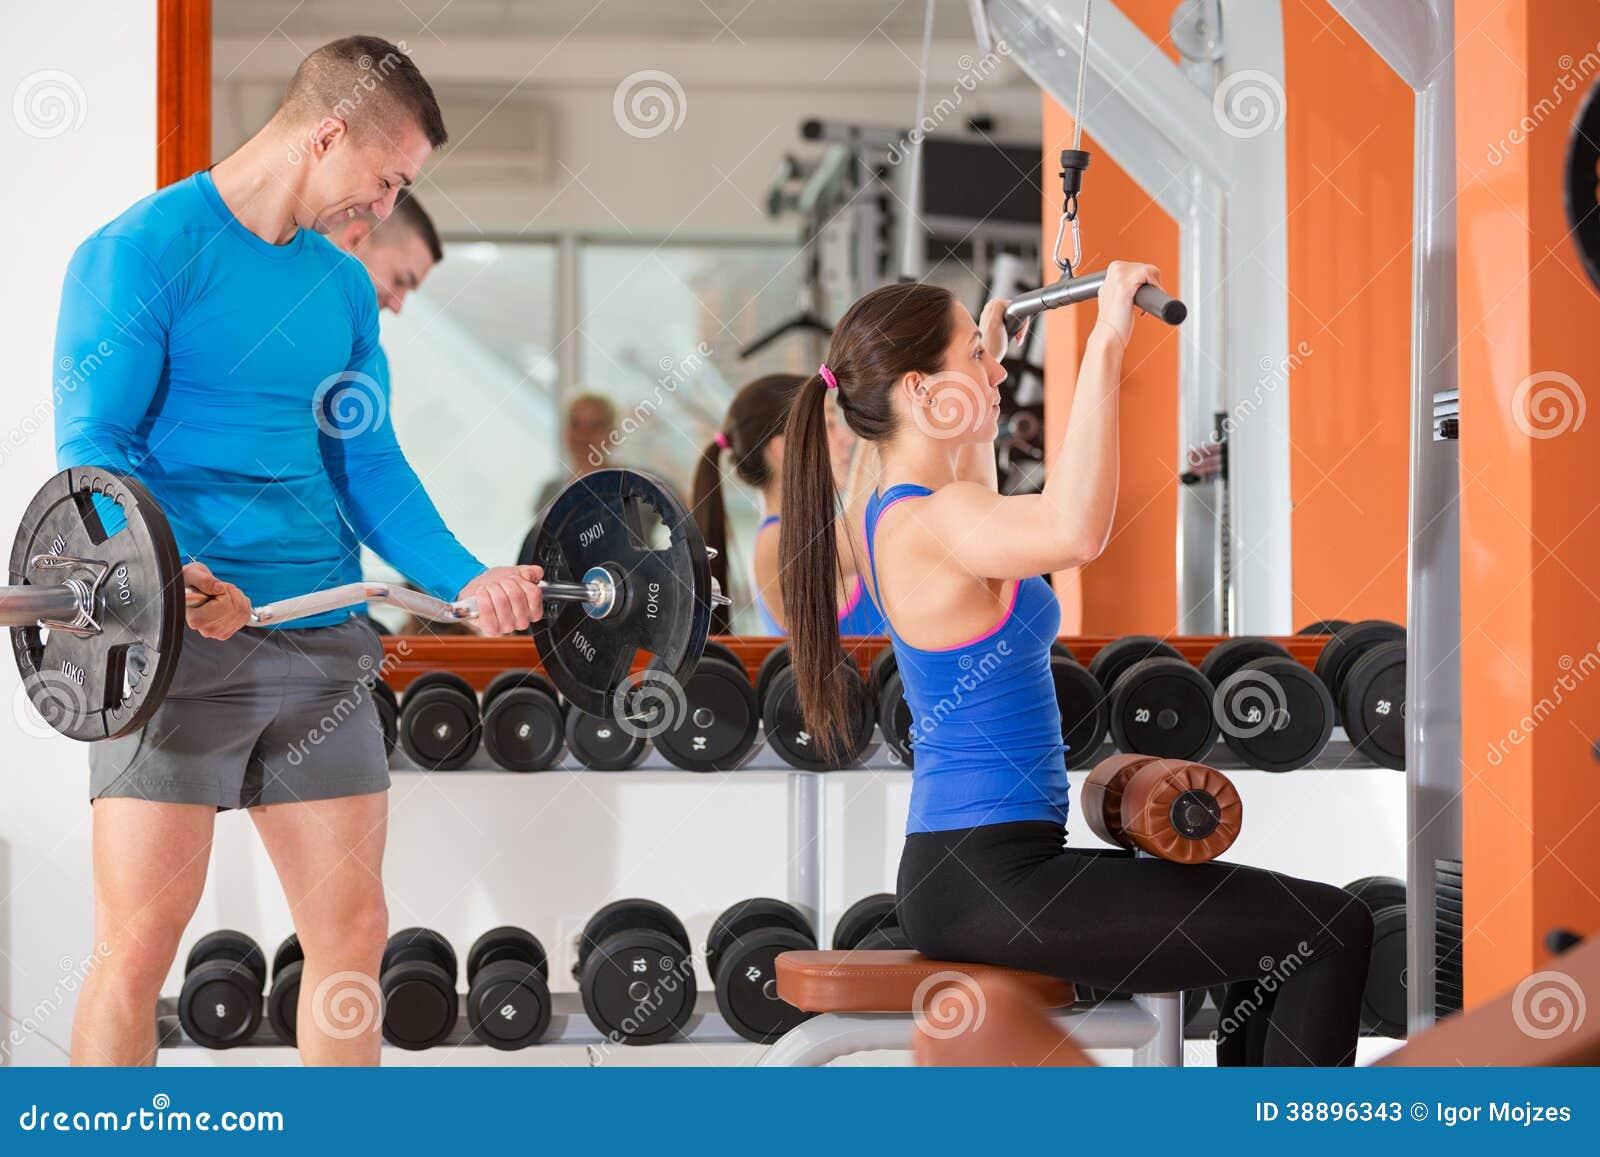 Entrenamiento del peso en el gimnasio foto de archivo for Entrenamiento gimnasio